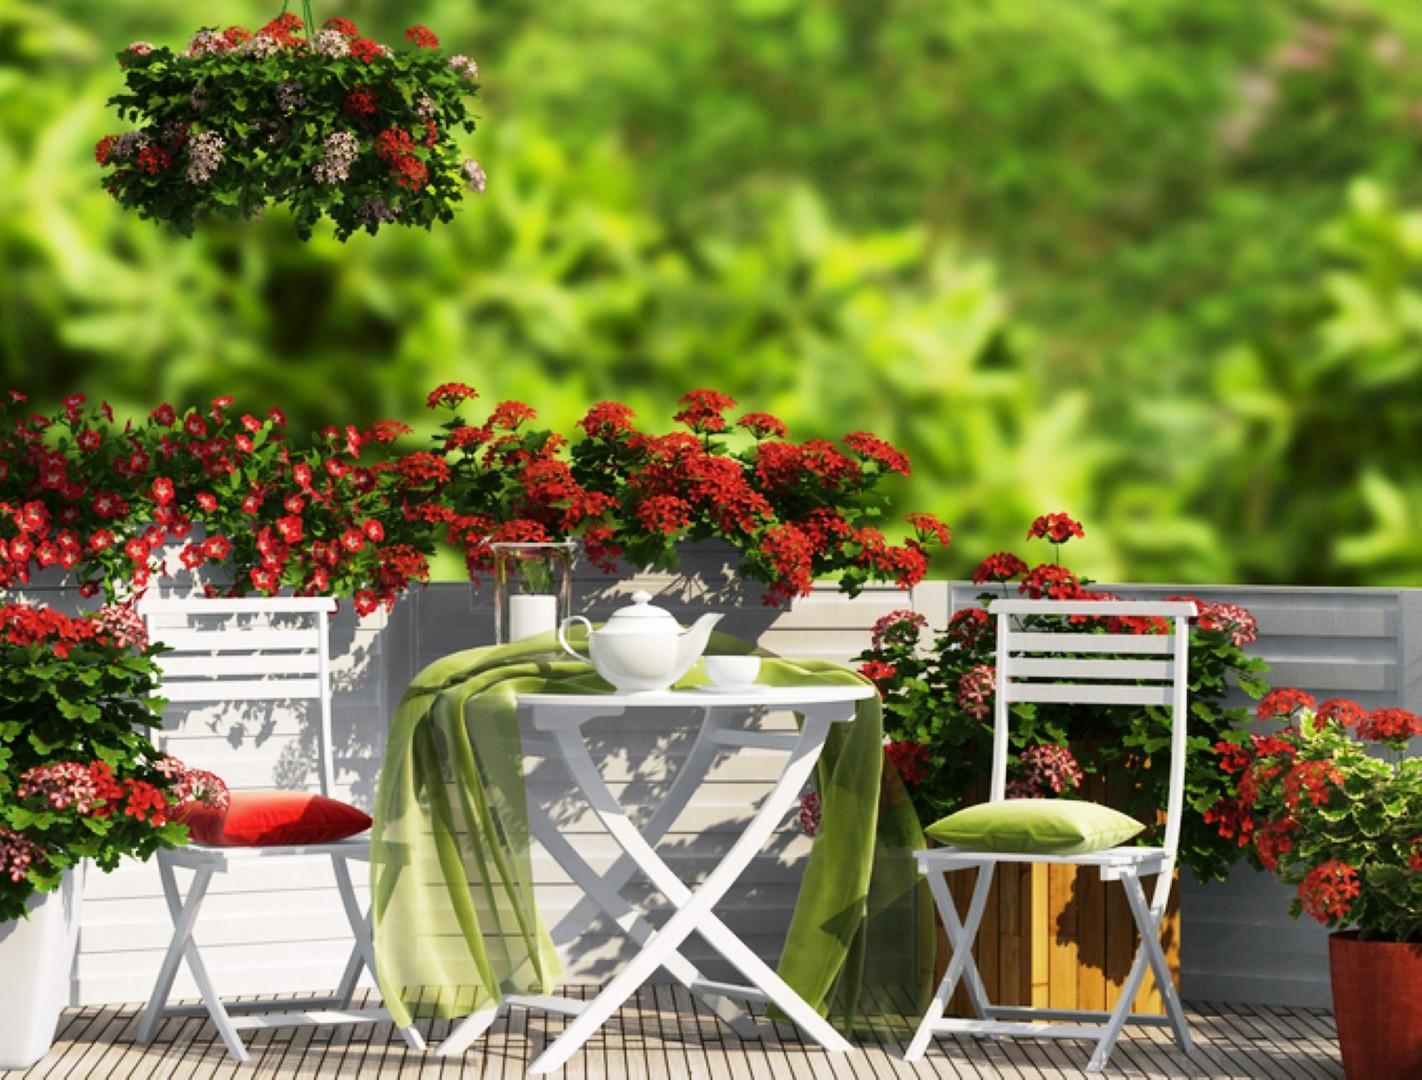 Tendenze: tante idee per arredare la terrazza - Tgcom24